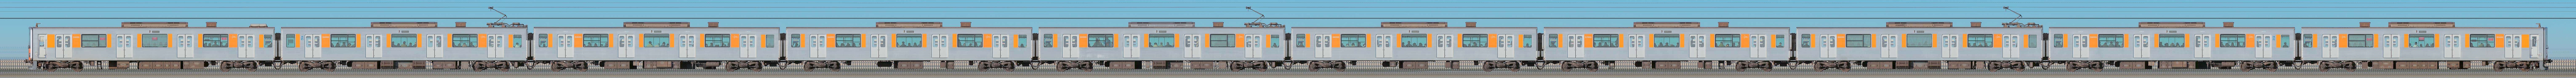 東武50050型51055編成(海側)の編成サイドビュー